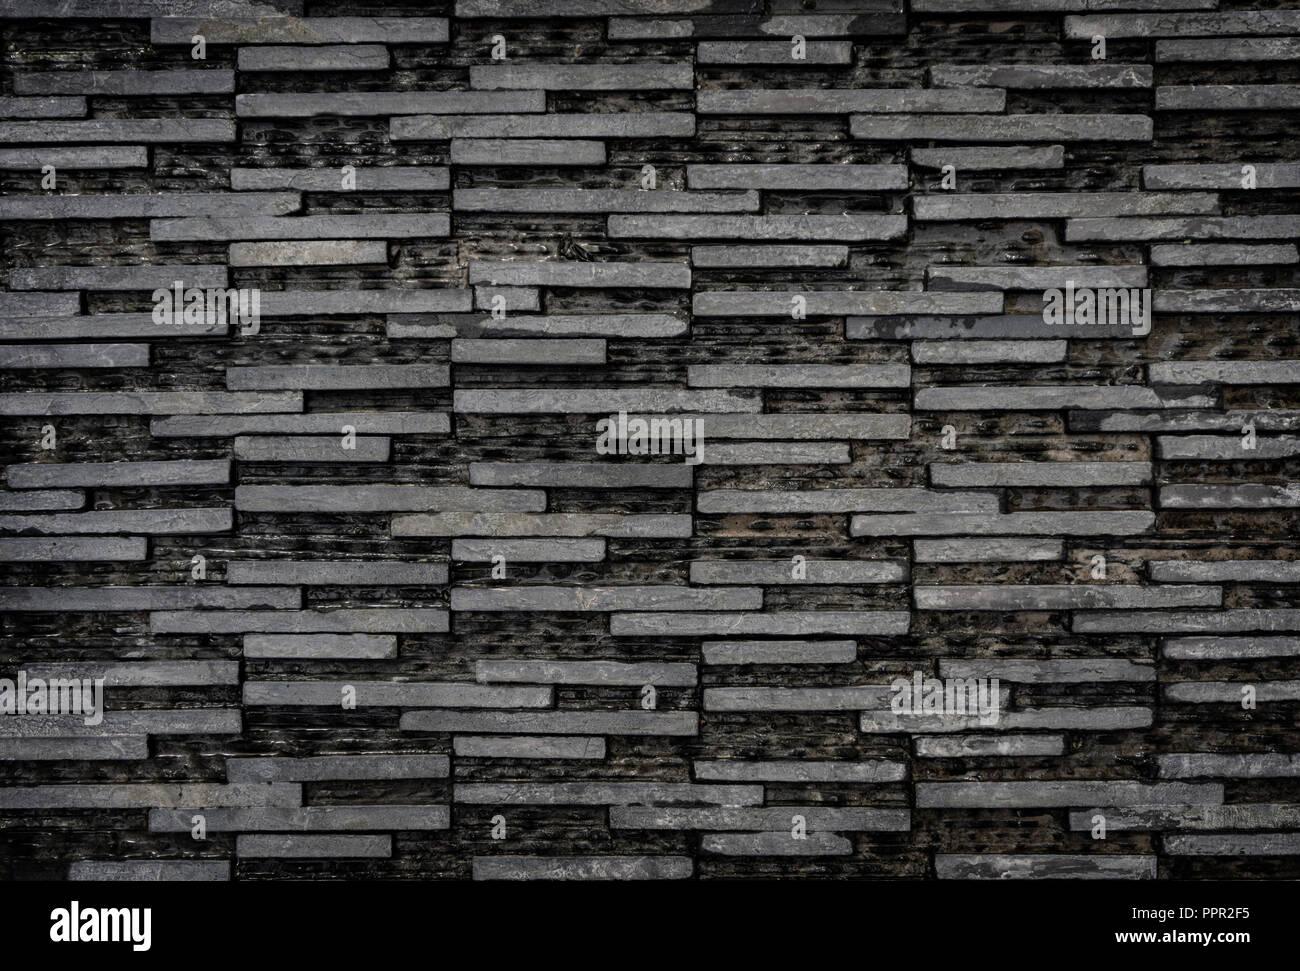 moderne schwarz wei e rechteck fliesen hintergrund hellgrau vintage stone dekorativen textur. Black Bedroom Furniture Sets. Home Design Ideas